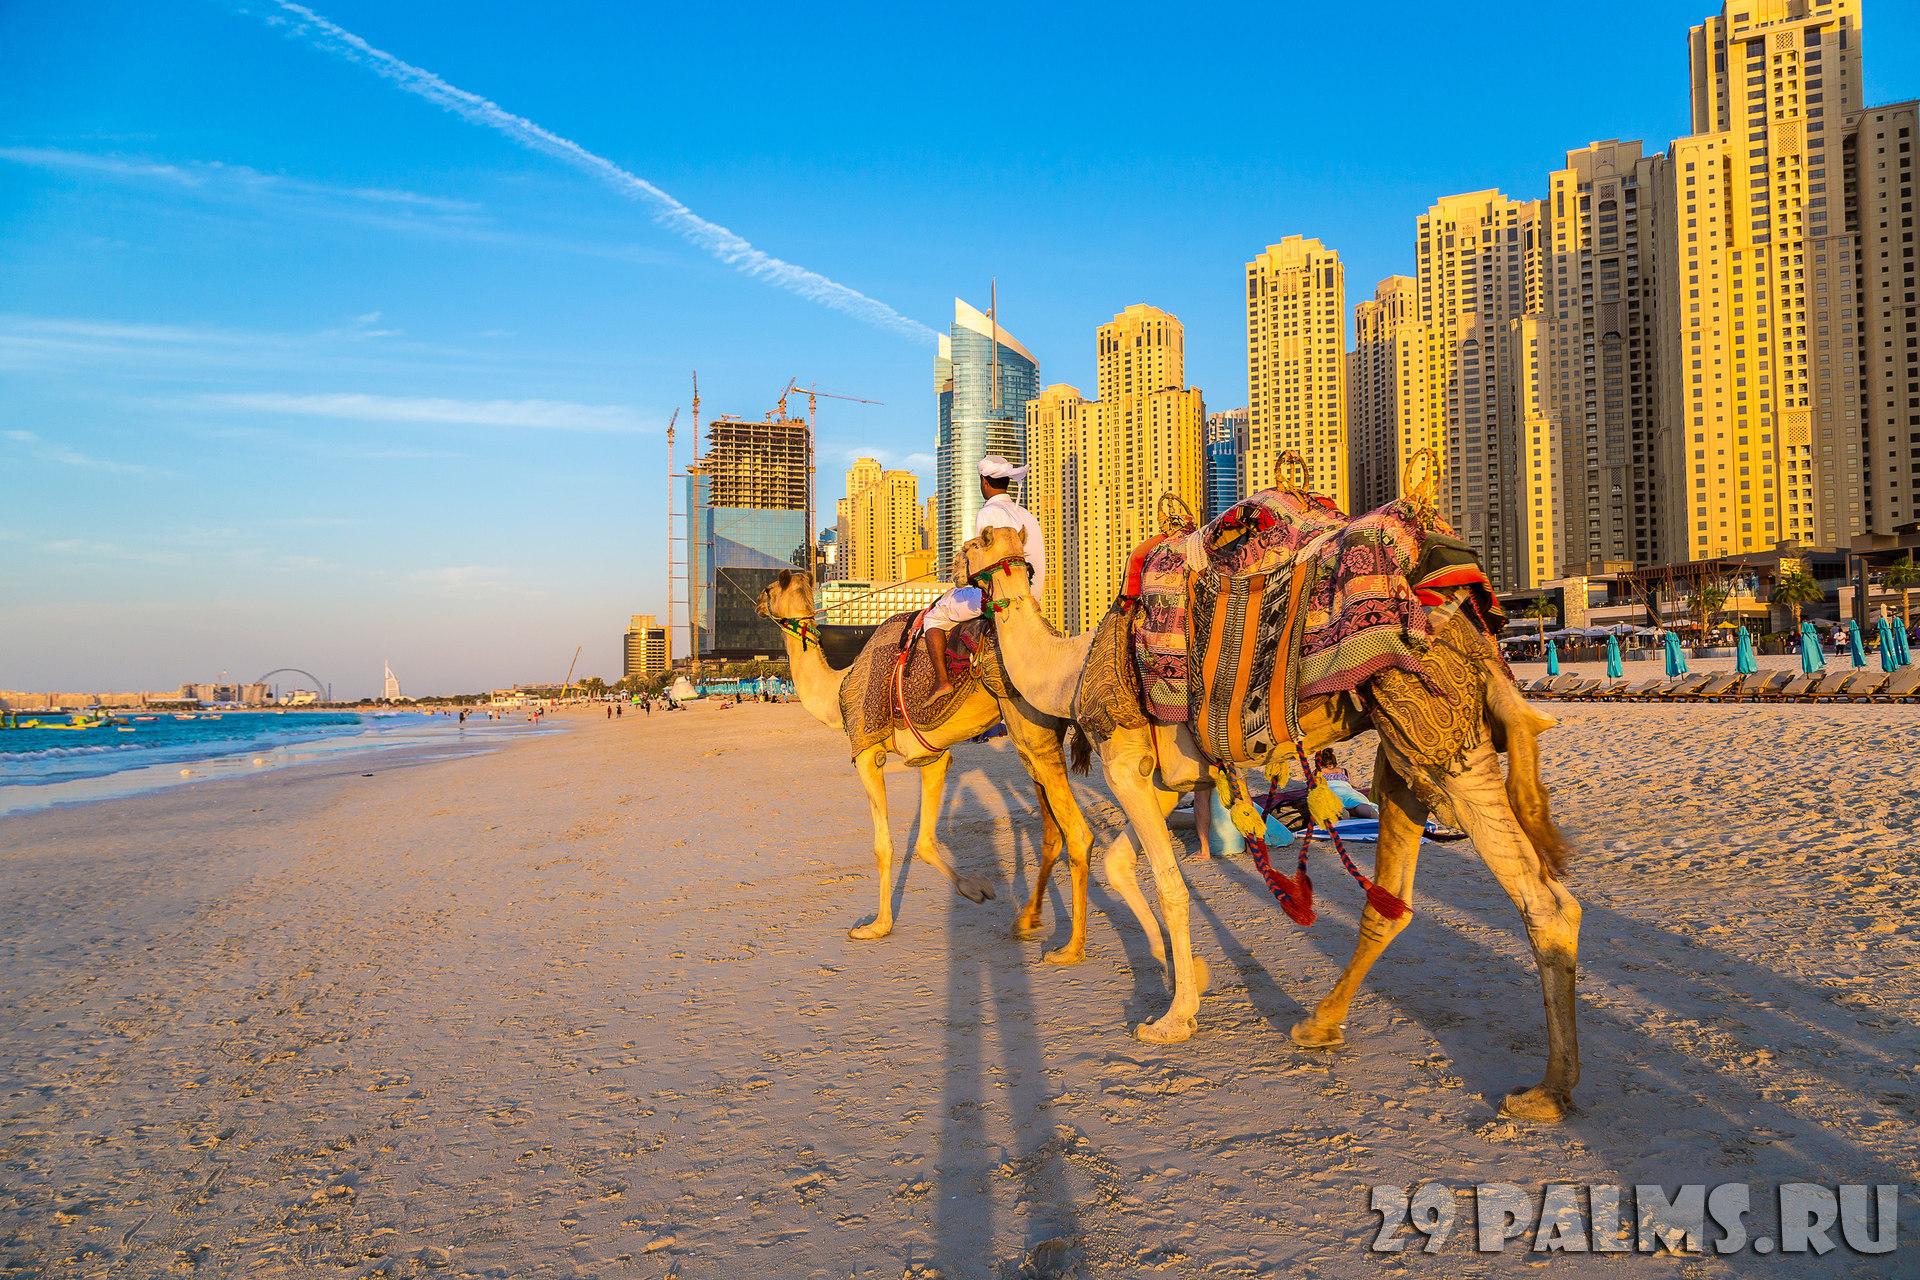 Дубай марина пляжи фото